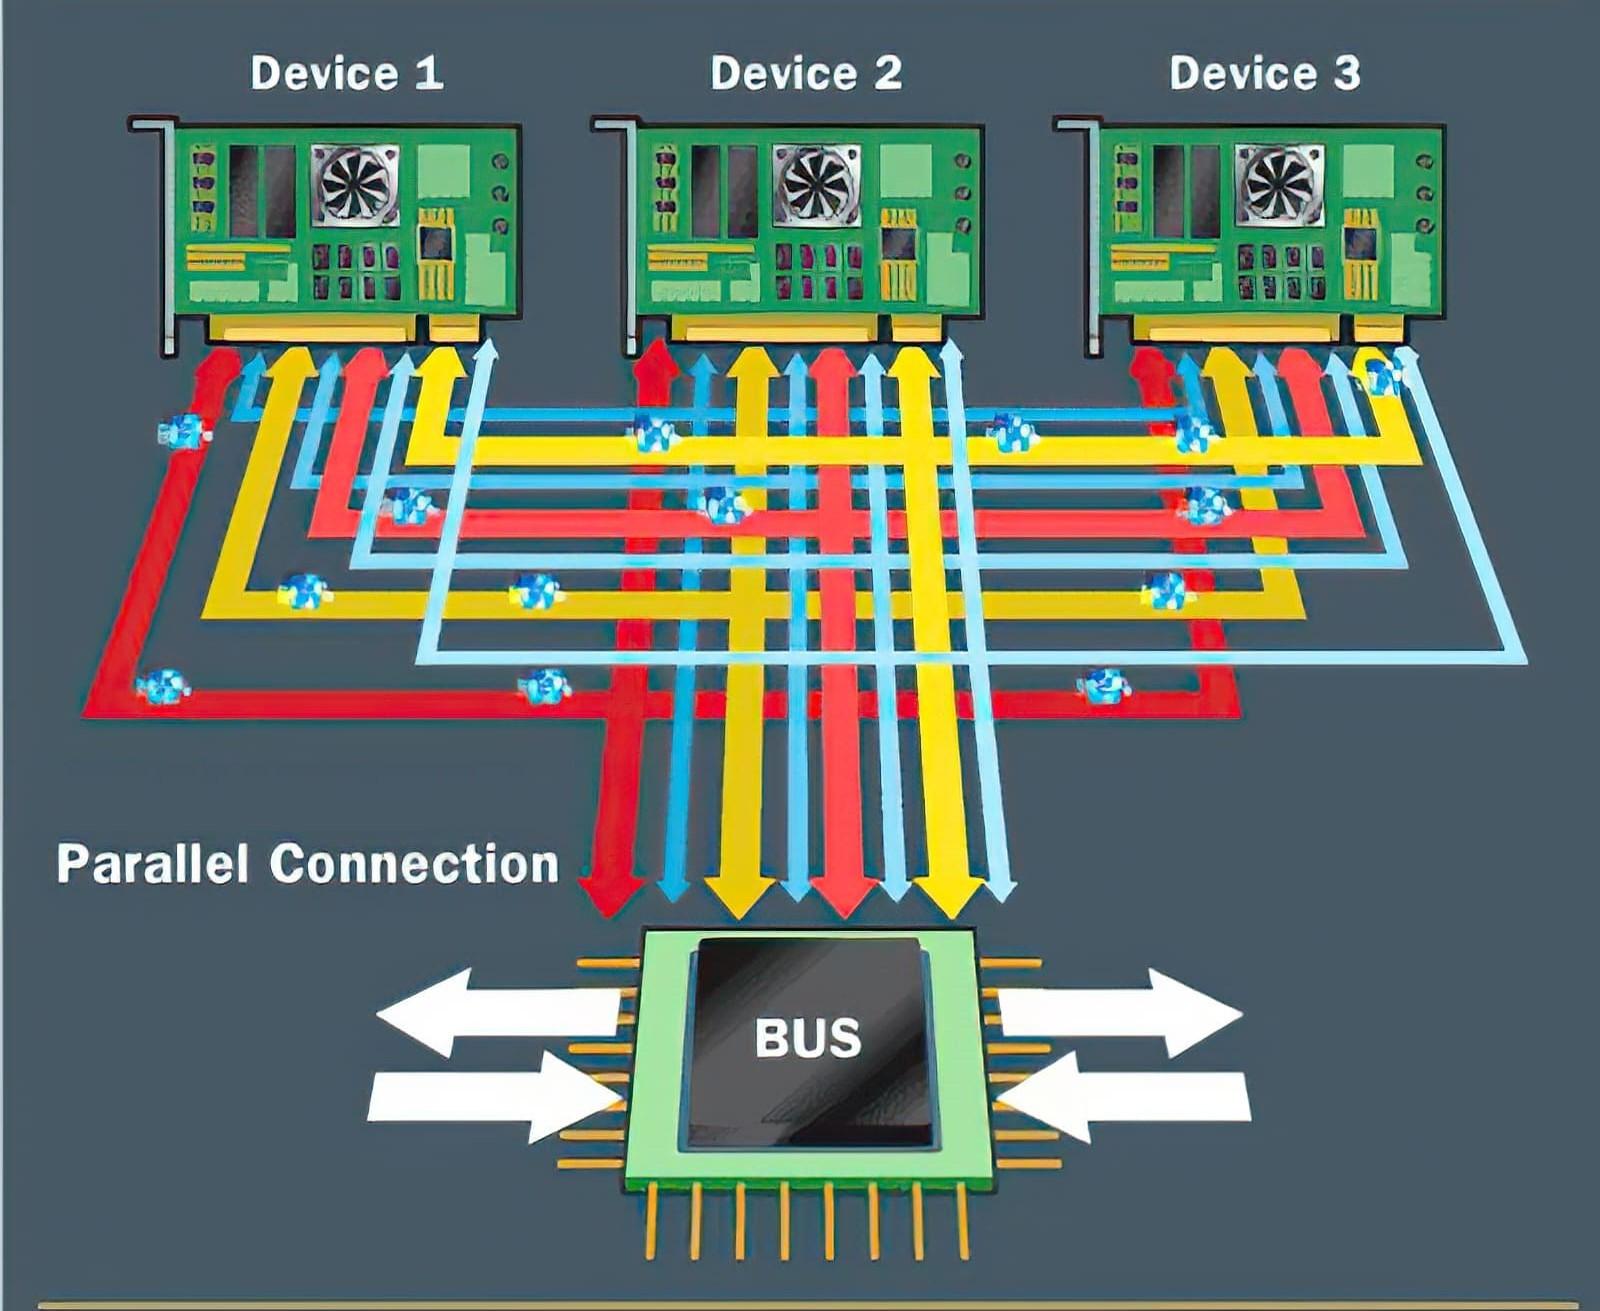 مصطلحات تقنية ما هو ناقل PCIe ونواقل التوسعة الأخرى؟ (الجزء الثاني) (1)